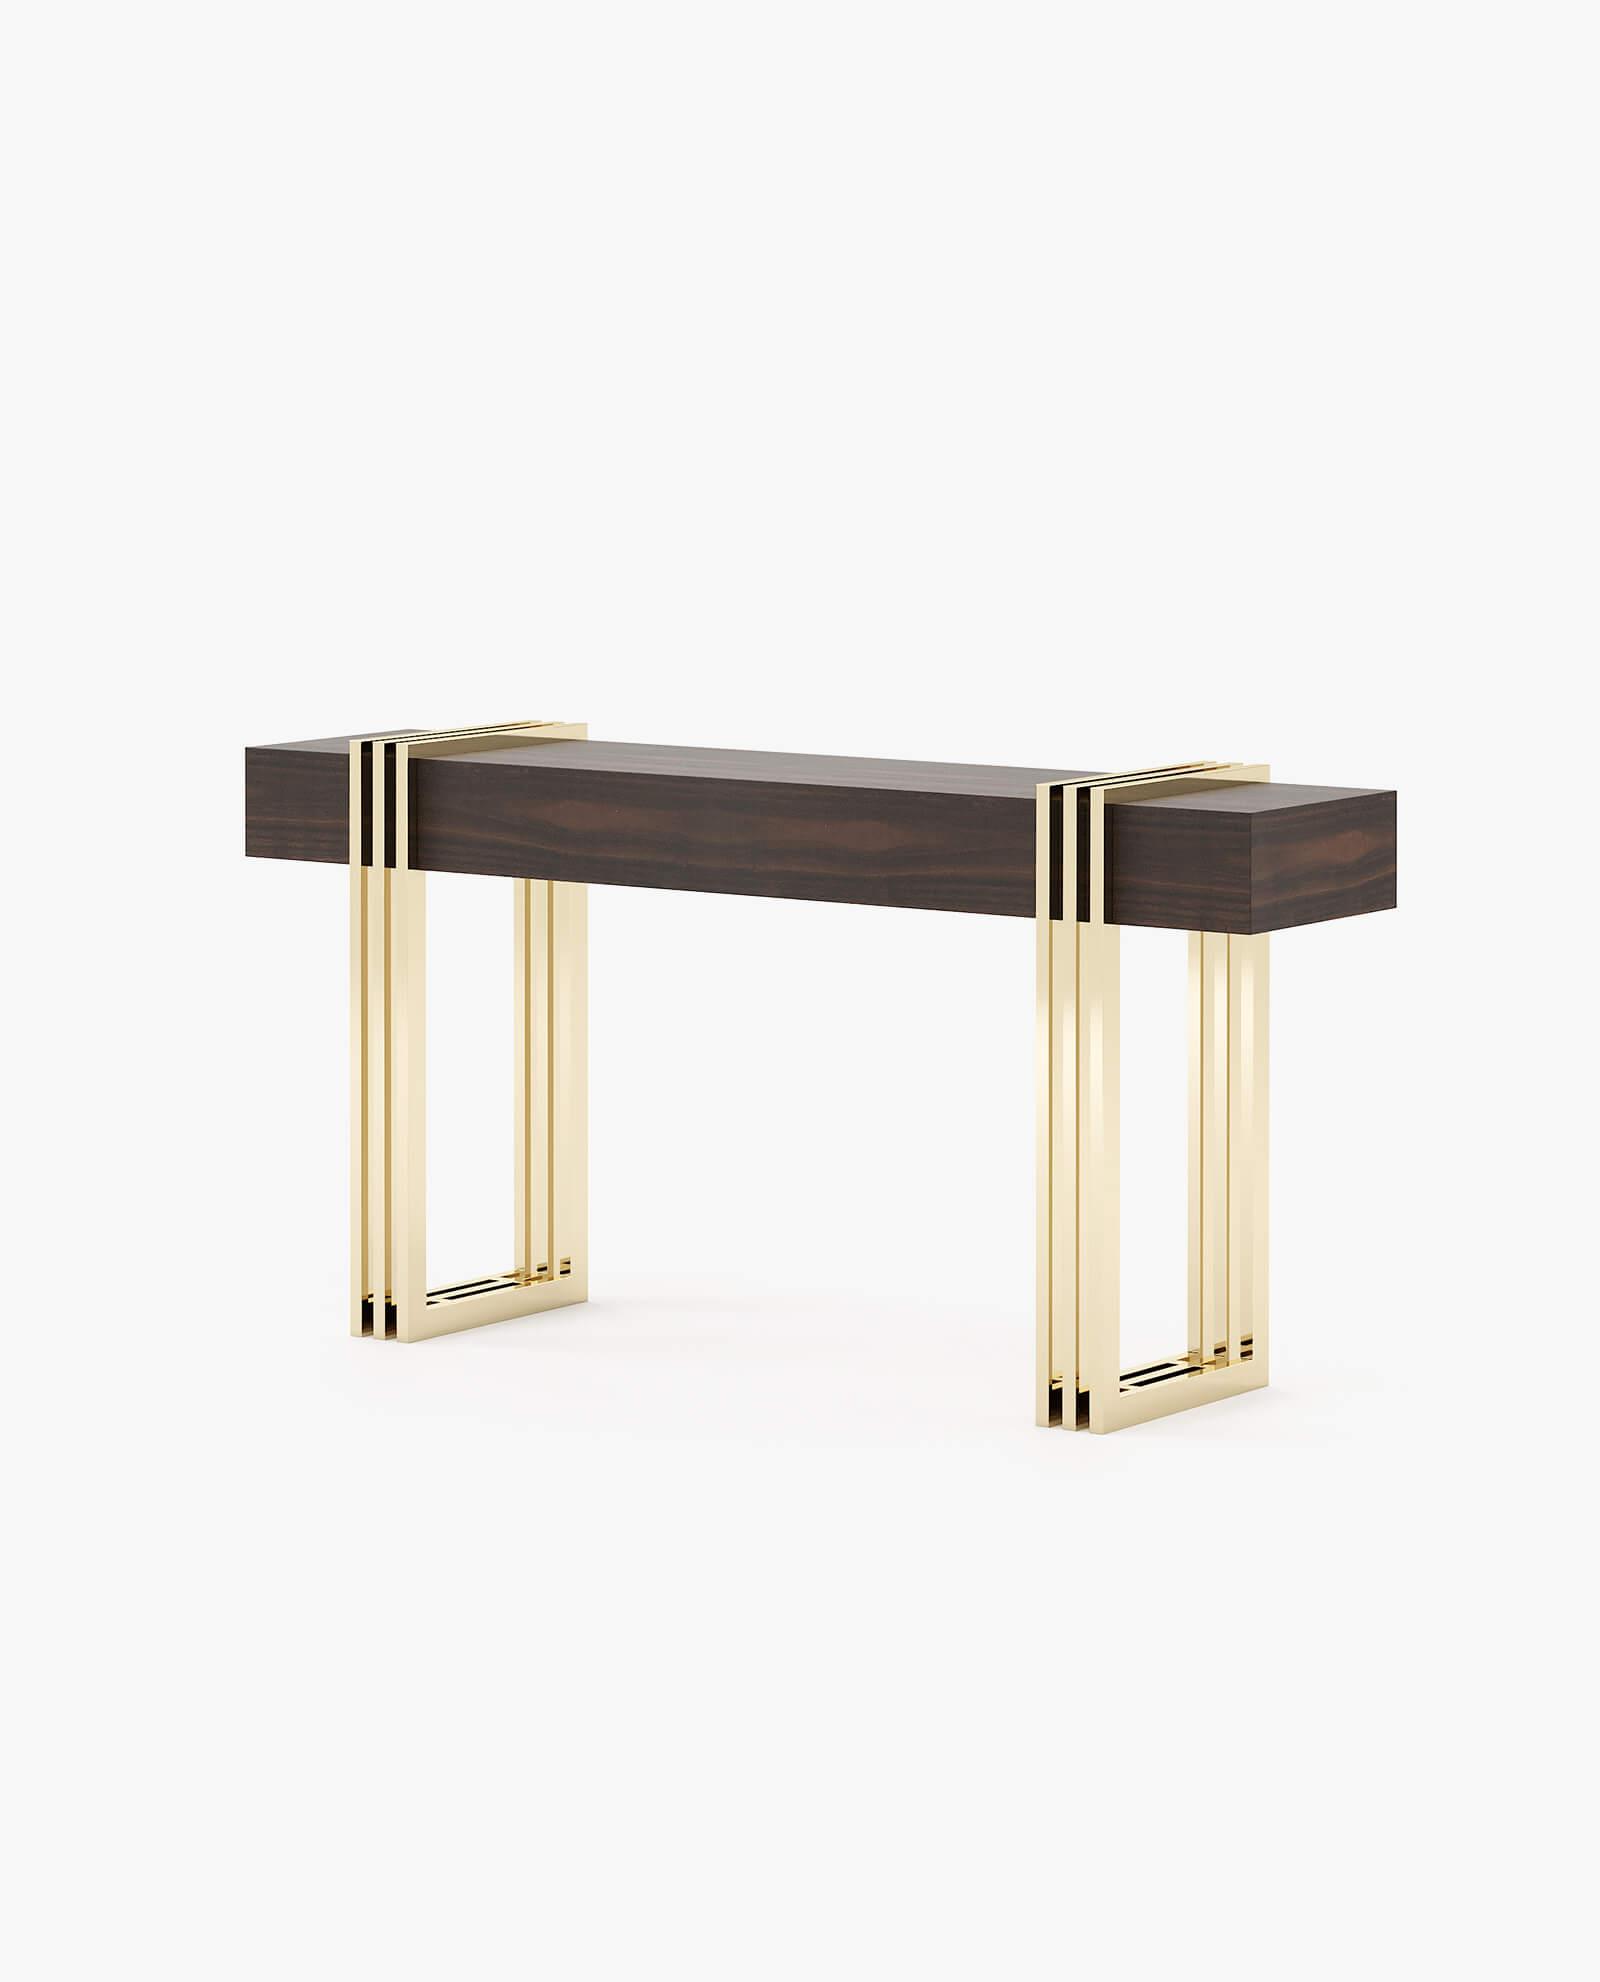 consola em madeira de eucalipto com detalhes dourados